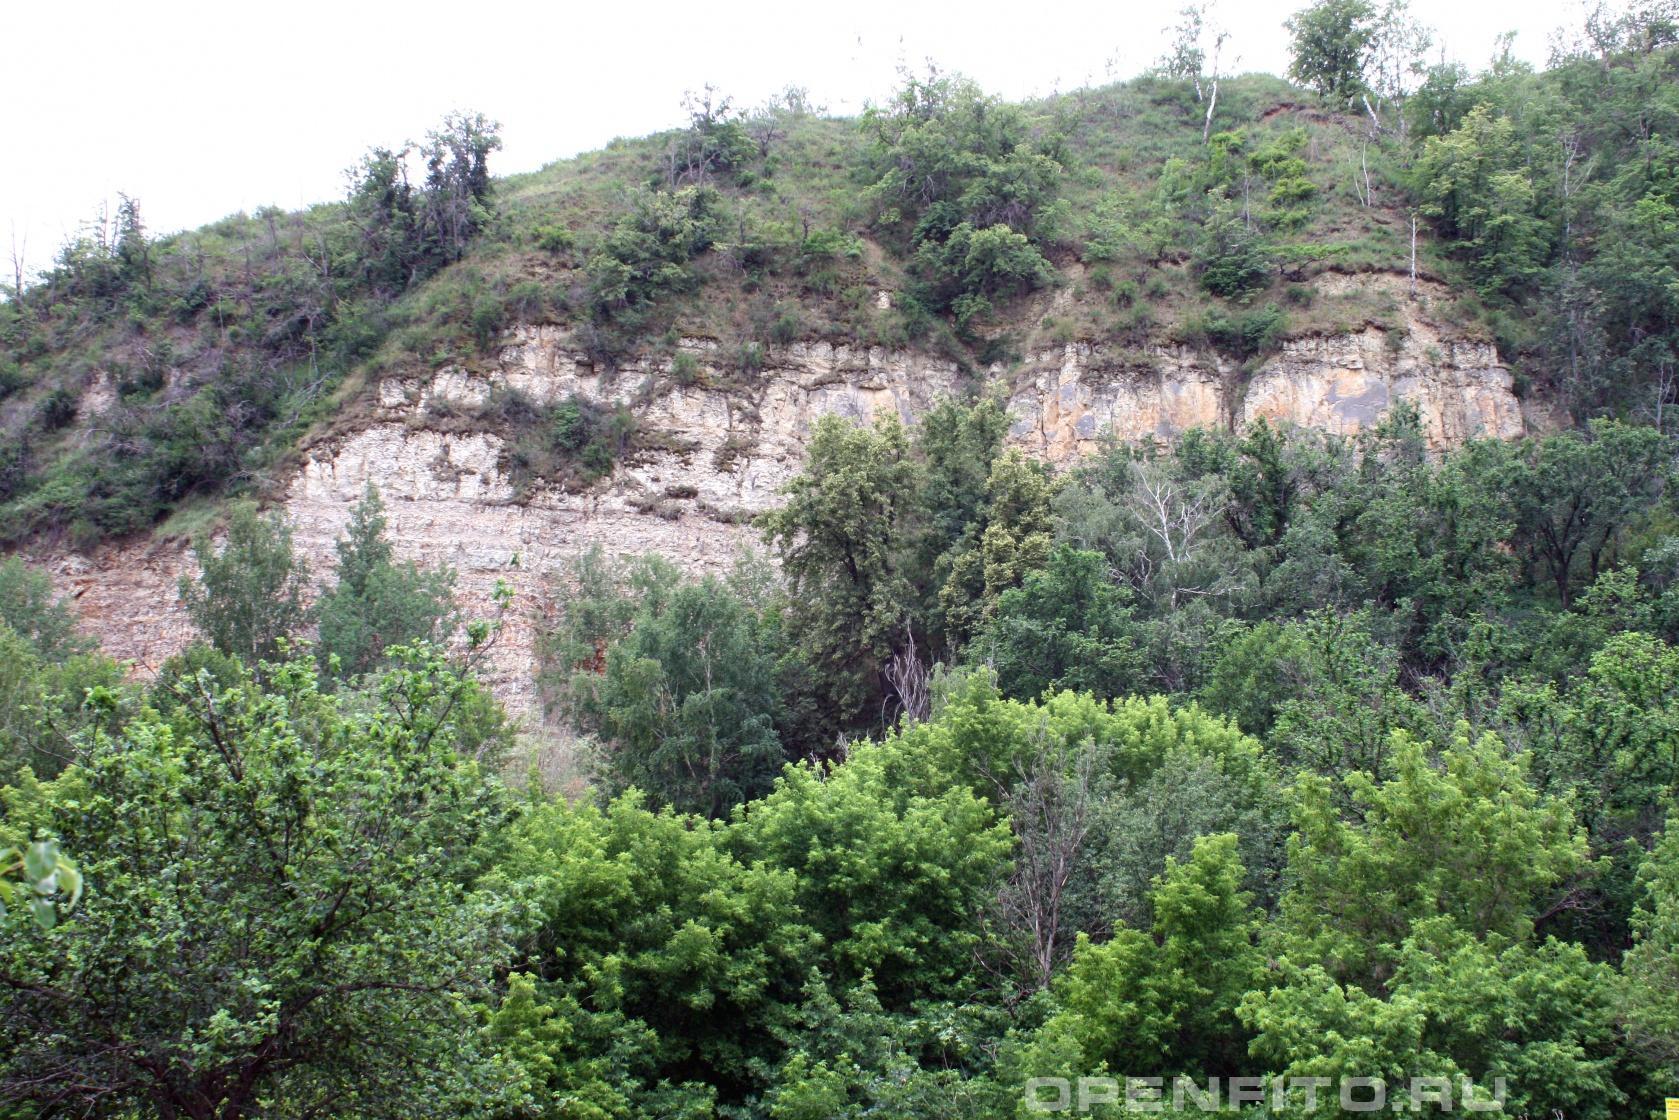 Щербаковская дуга <p>Побережье Волги, 130Км от Волгограда, Камышинский район</p>